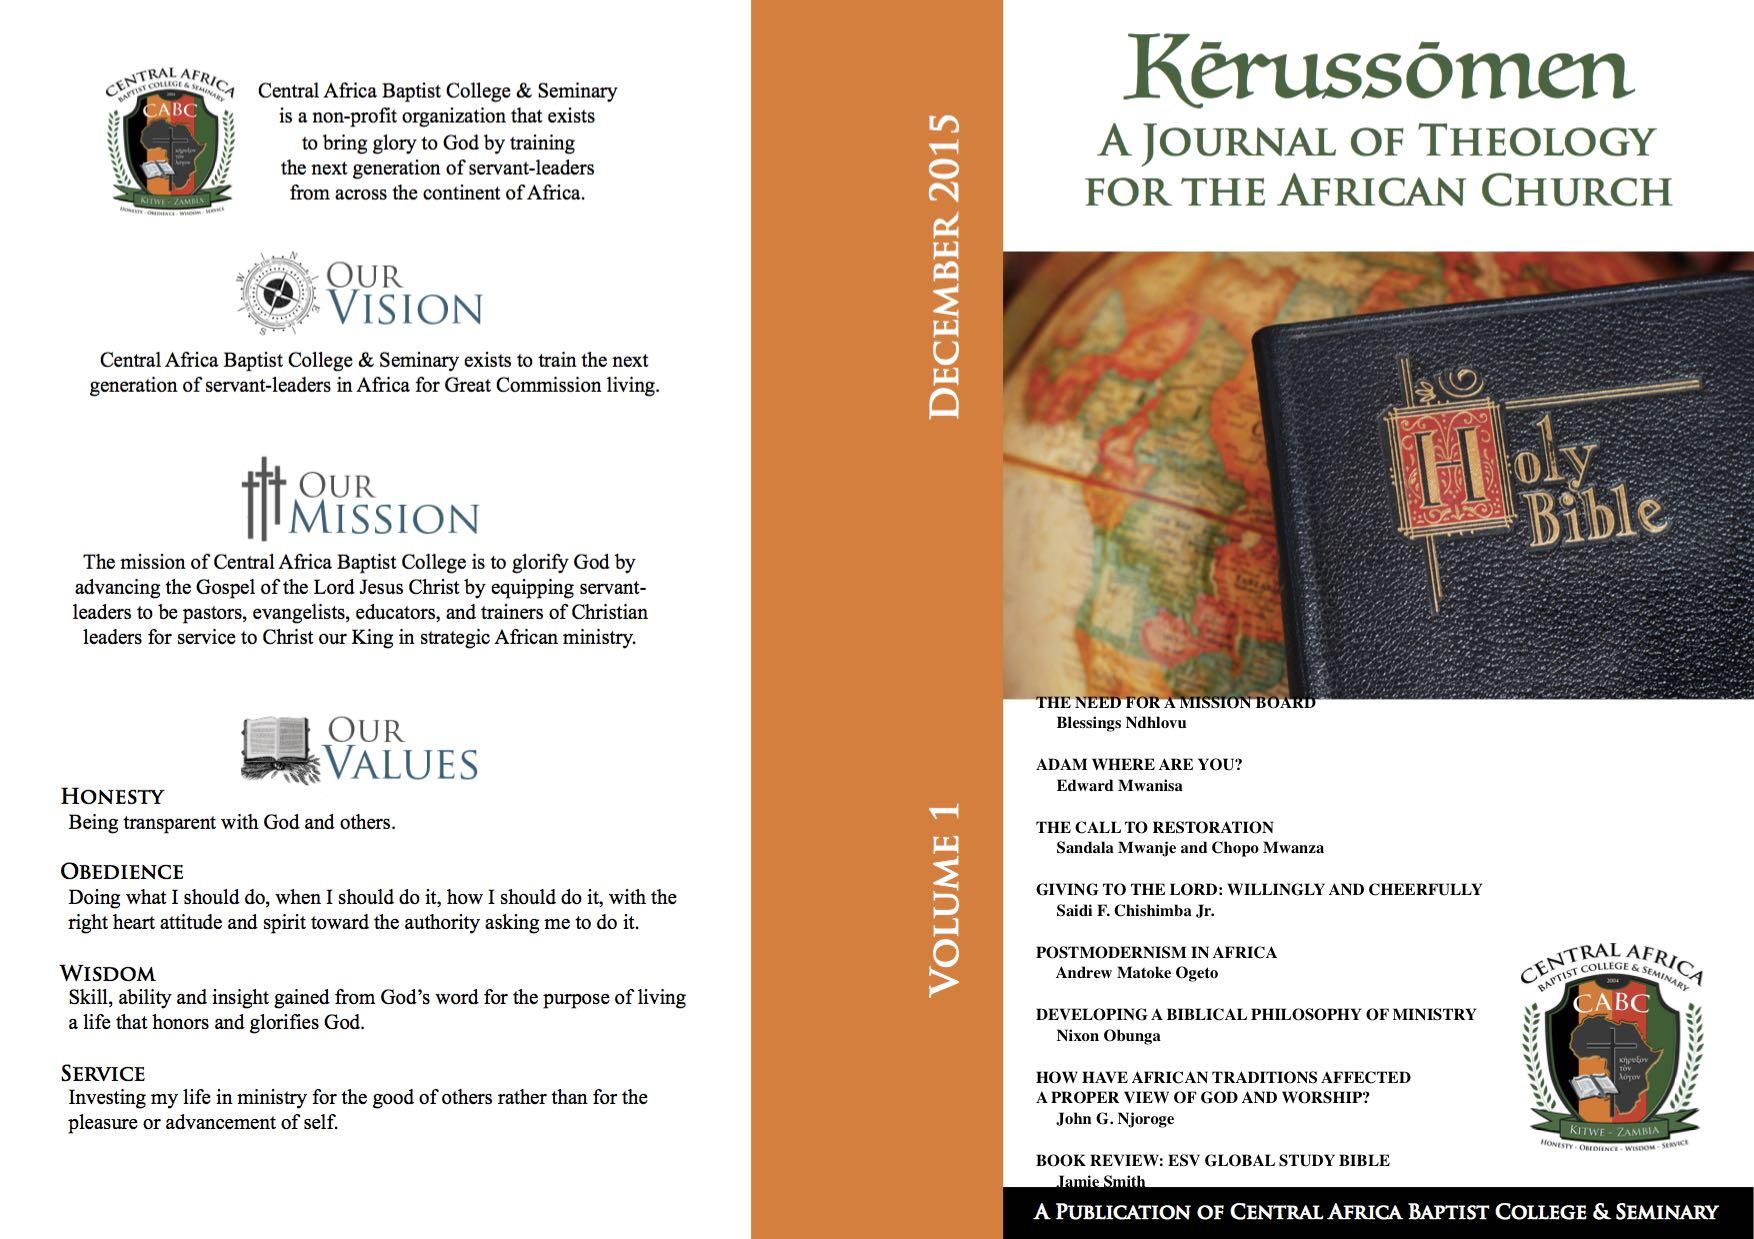 Kerussomen Vol. 1 Dec 2015 NEW with contents